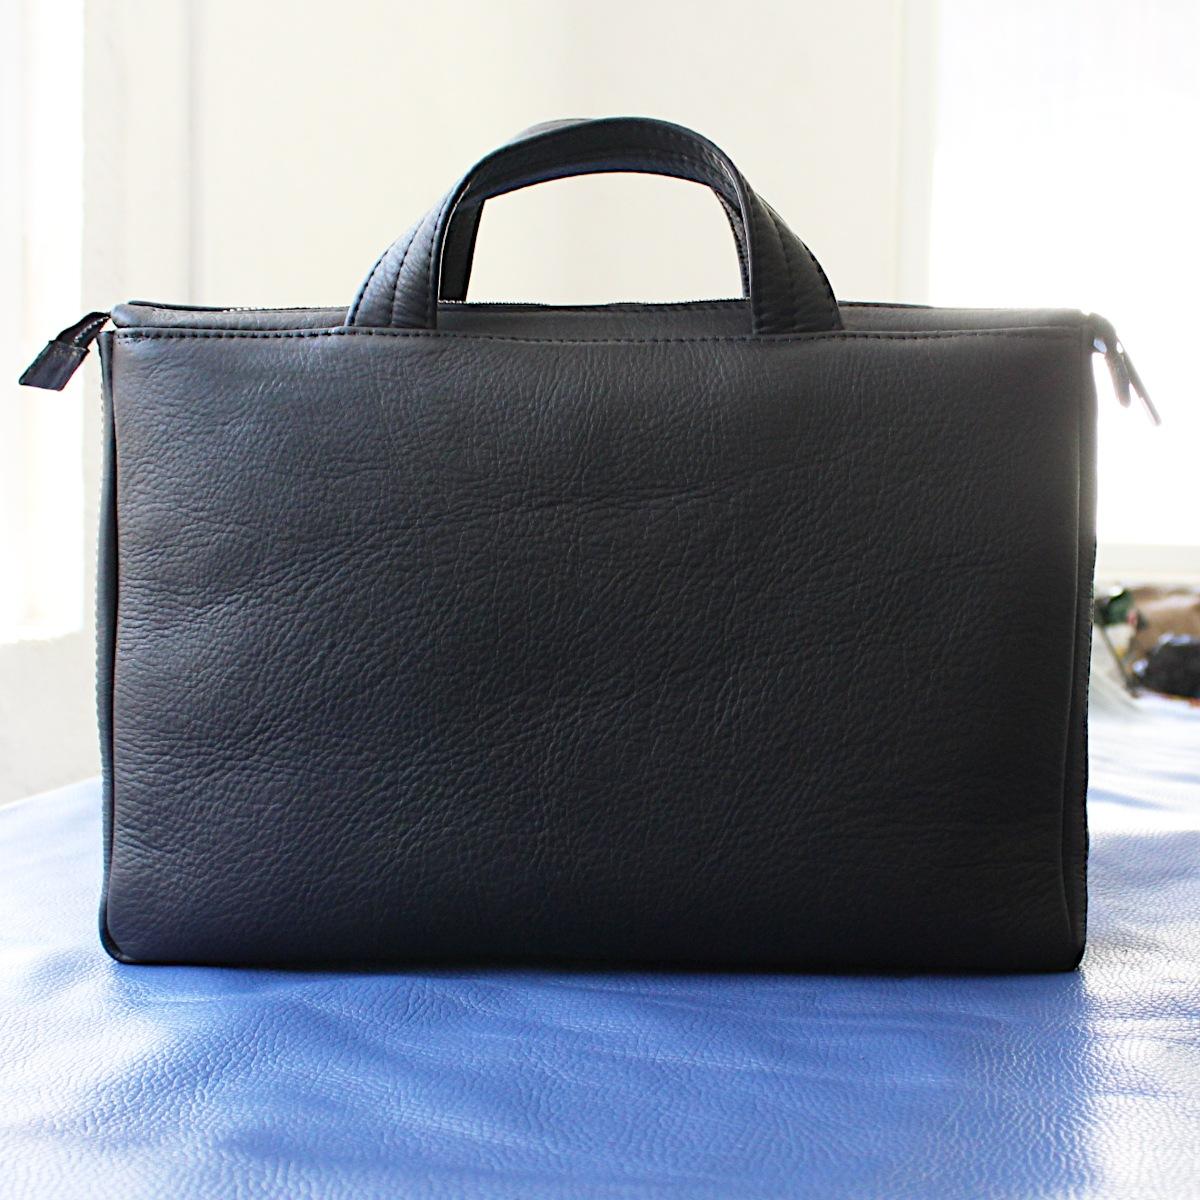 ръчно изработена черна мъжка бизнес чанта от естествена кожа отзад